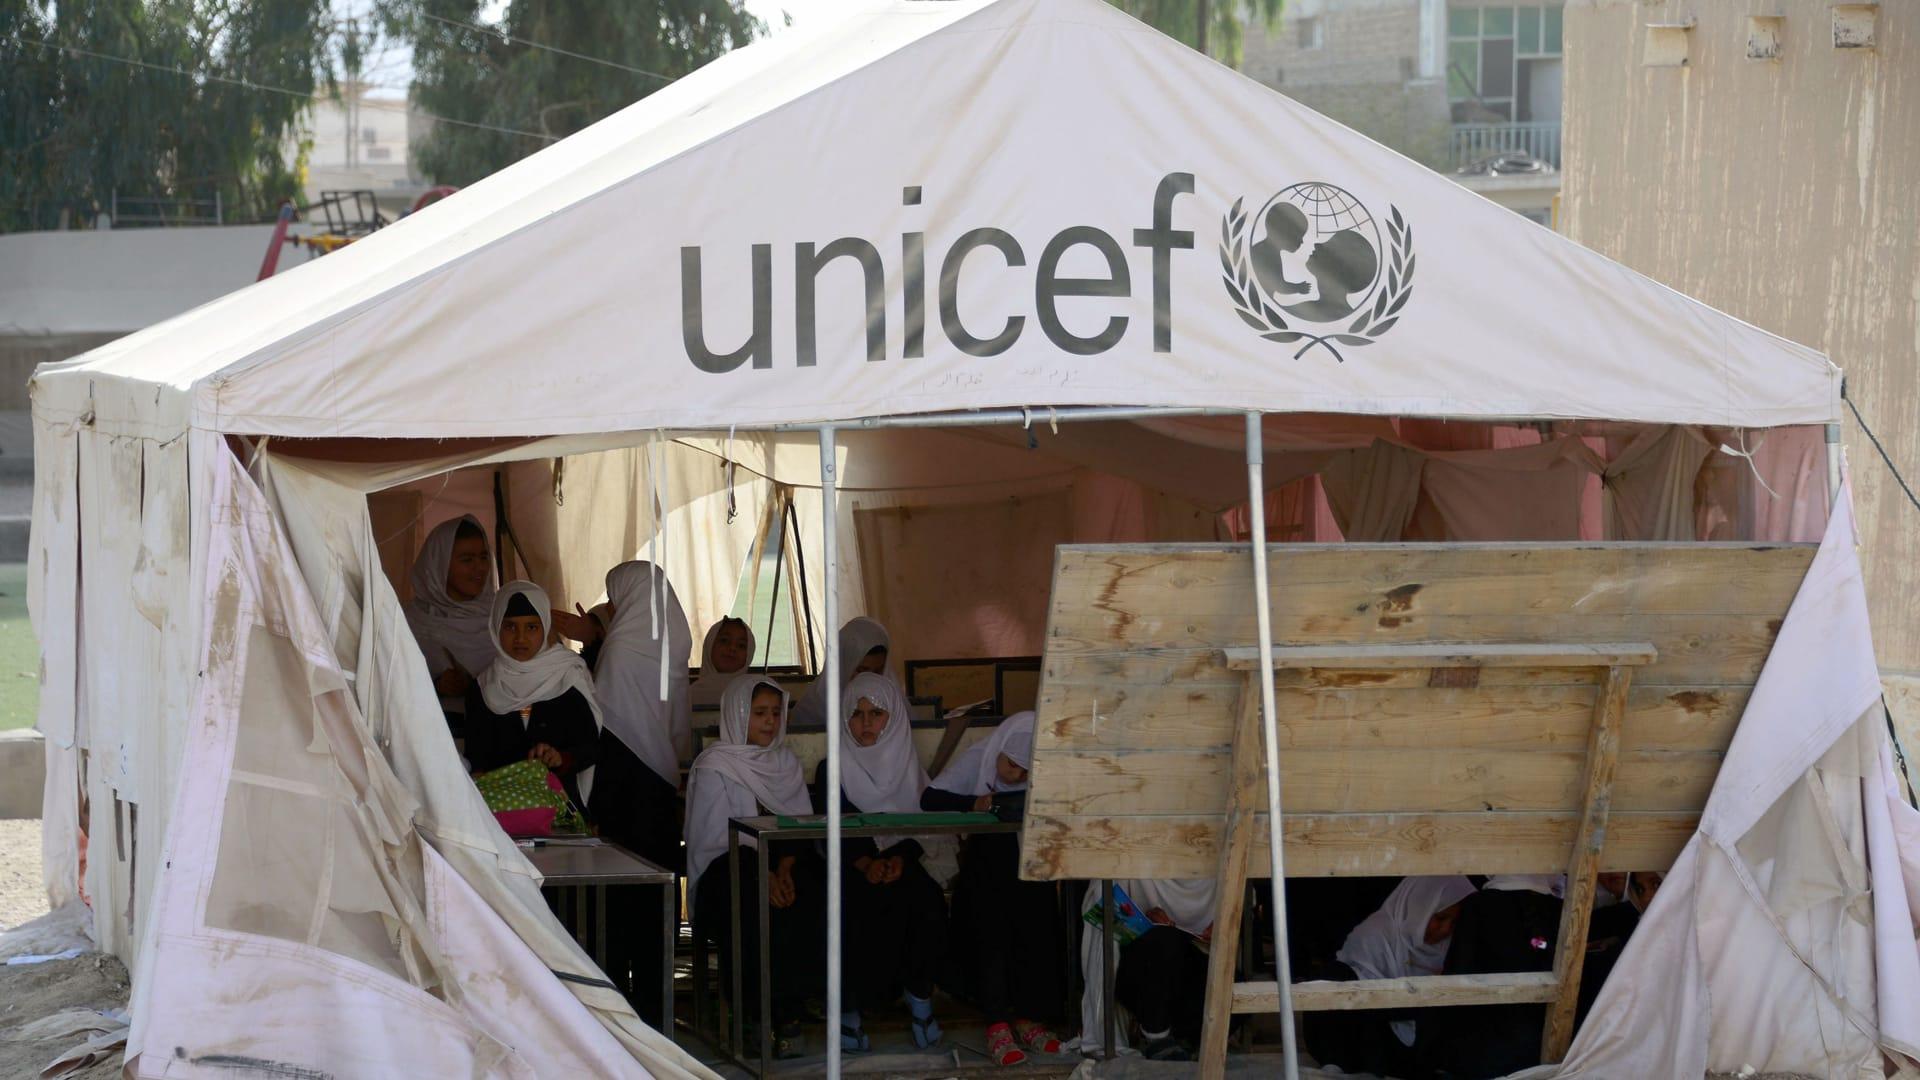 تلميذات أفغانيات يدرسن في خيمة تابعة لليونيسف تستخدم كصف دراسي في مقاطعة قندهار - صورة أرشيفية